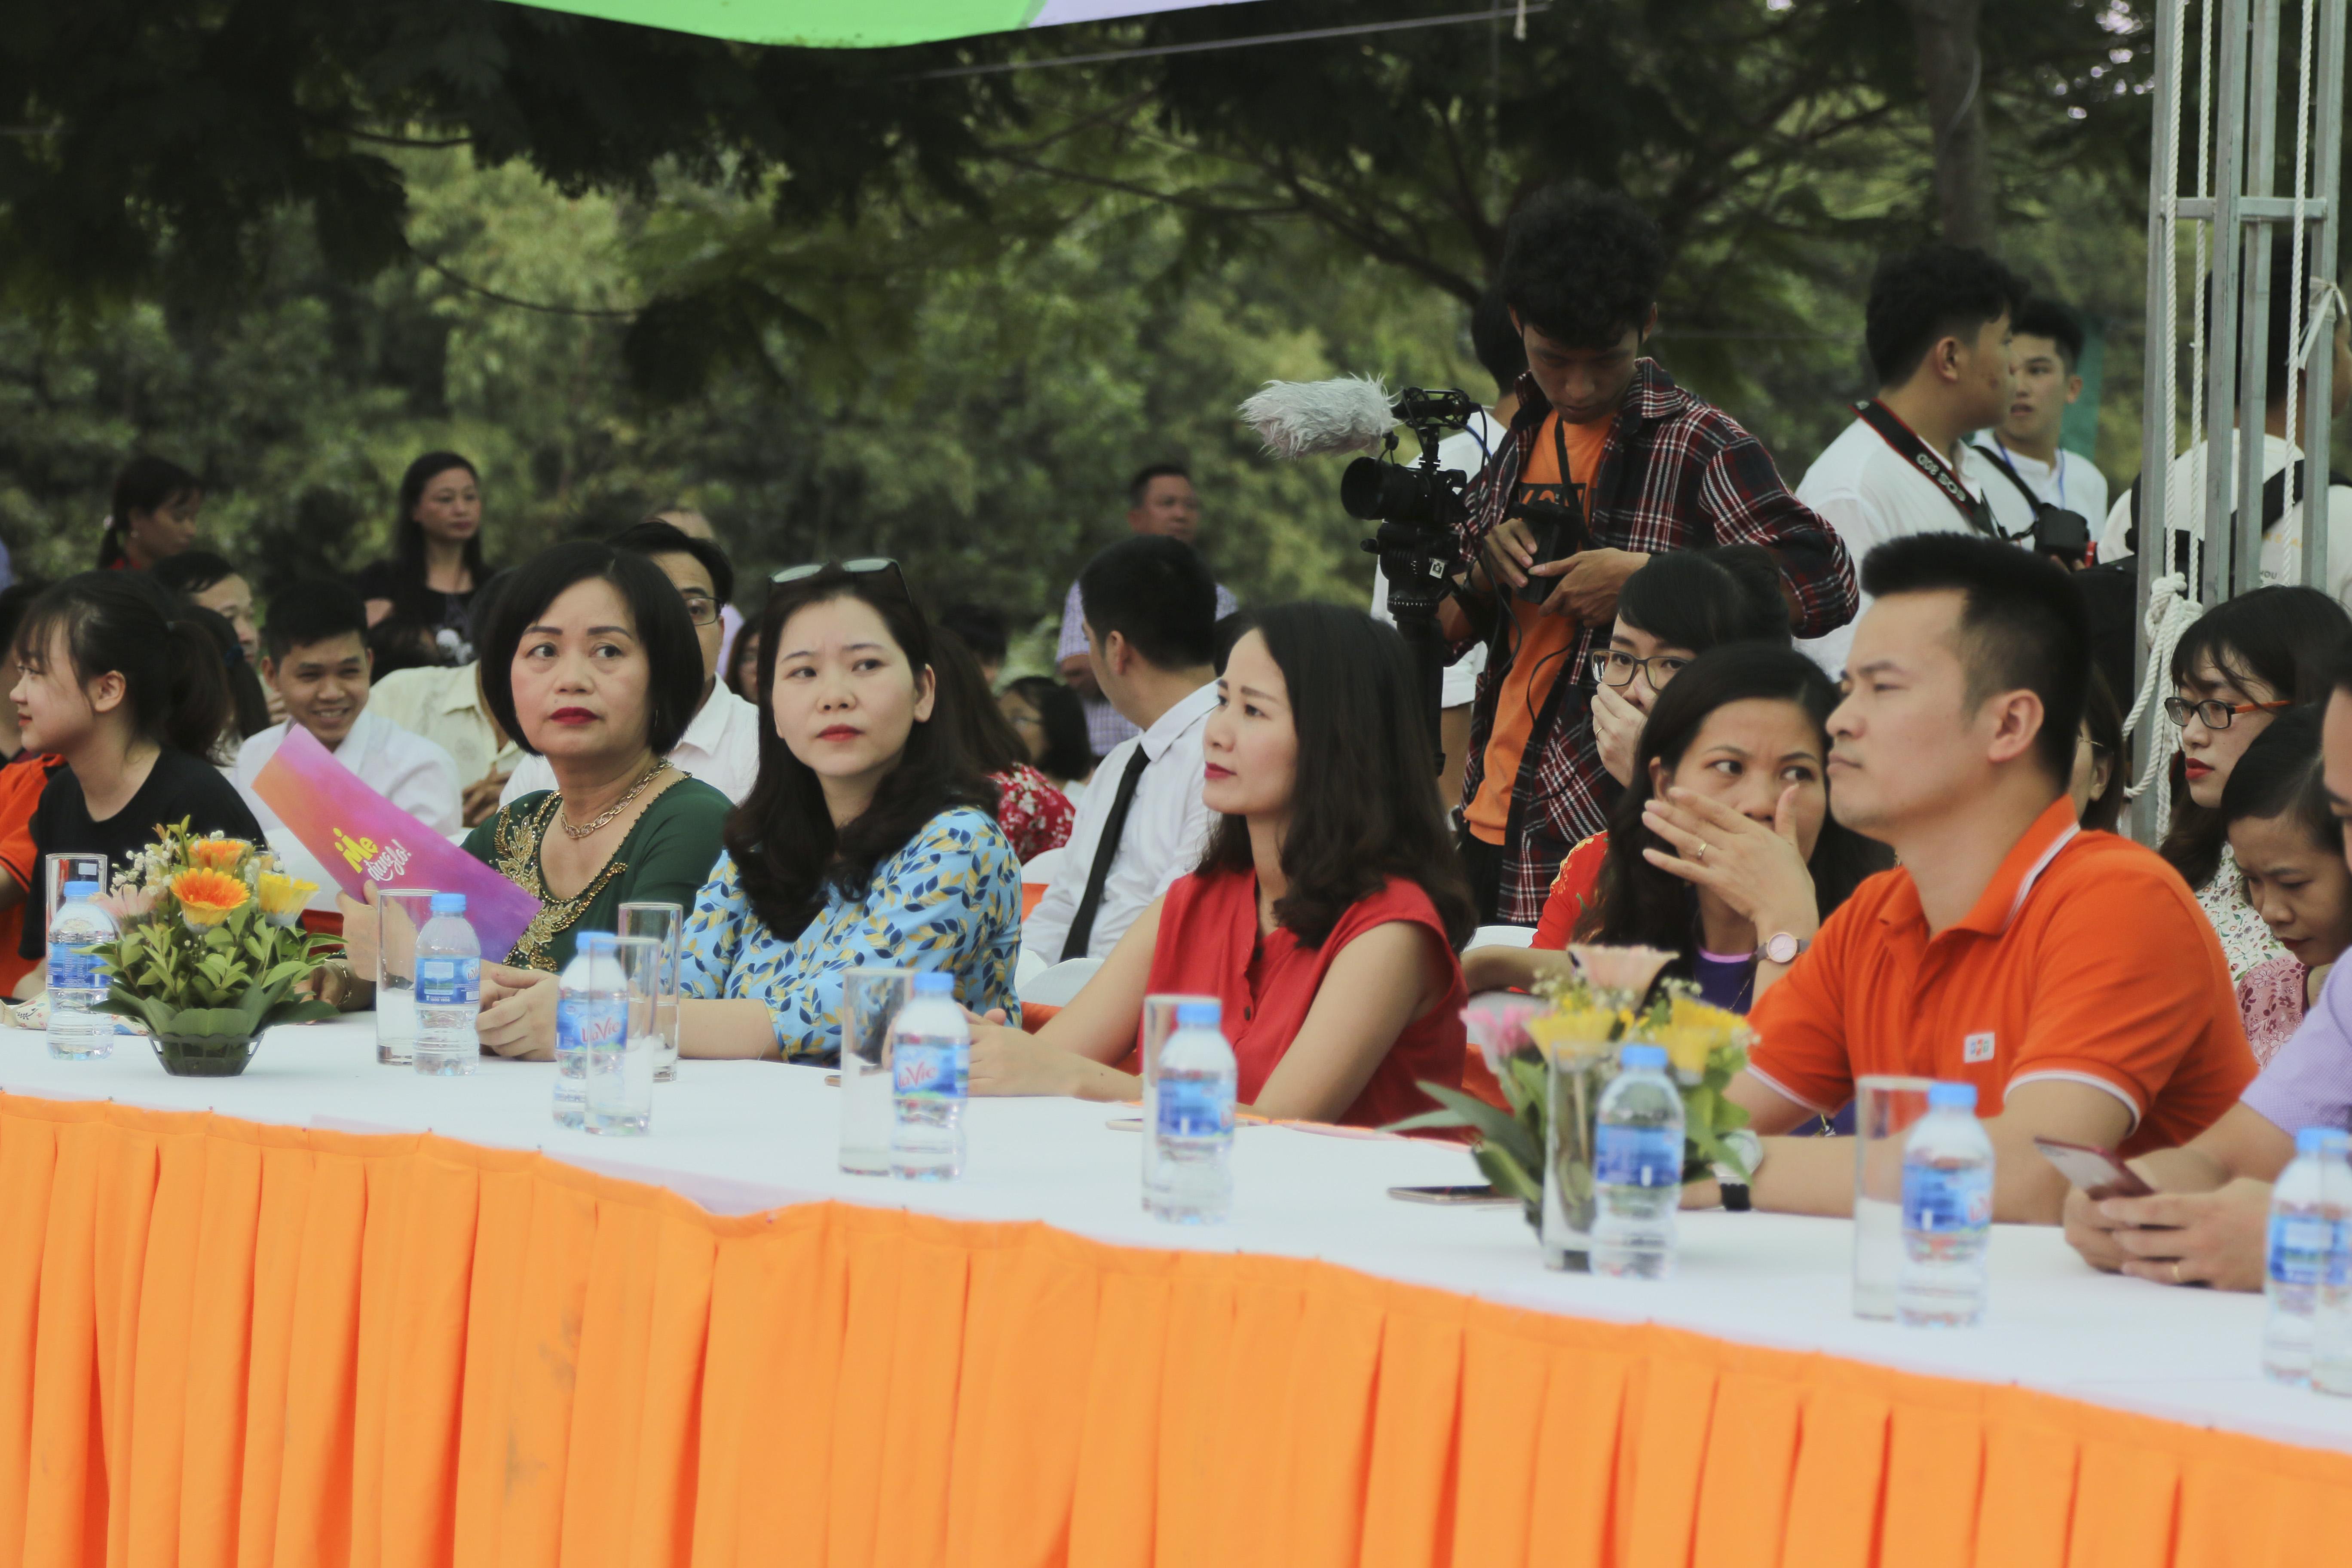 Buổi lễ có sự tham dự của Hiệu trưởng THPT FPT Nguyễn Thị Tân, Trưởng ban Tuyển sinh ĐH FPT Nguyễn Hùng Quân, đại diện đến từ ĐH Swinburne (Việt Nam) cùng các thầy cô giáo, phụ huynh và toàn bộ học sinh K5, K6, K7.